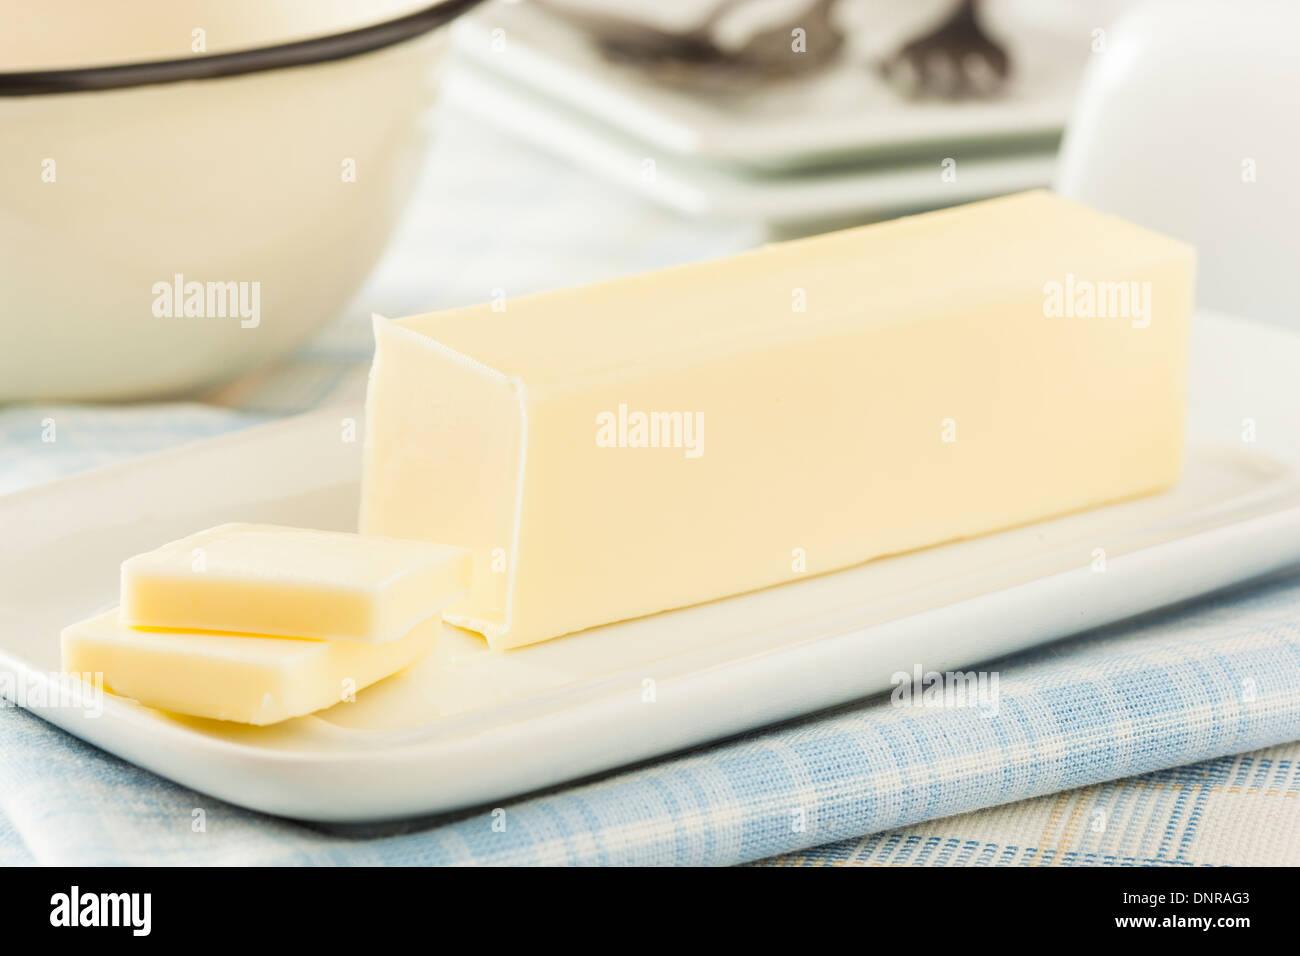 Produits laitiers bio beurre jaune un ingrédient pour la cuisine Photo Stock